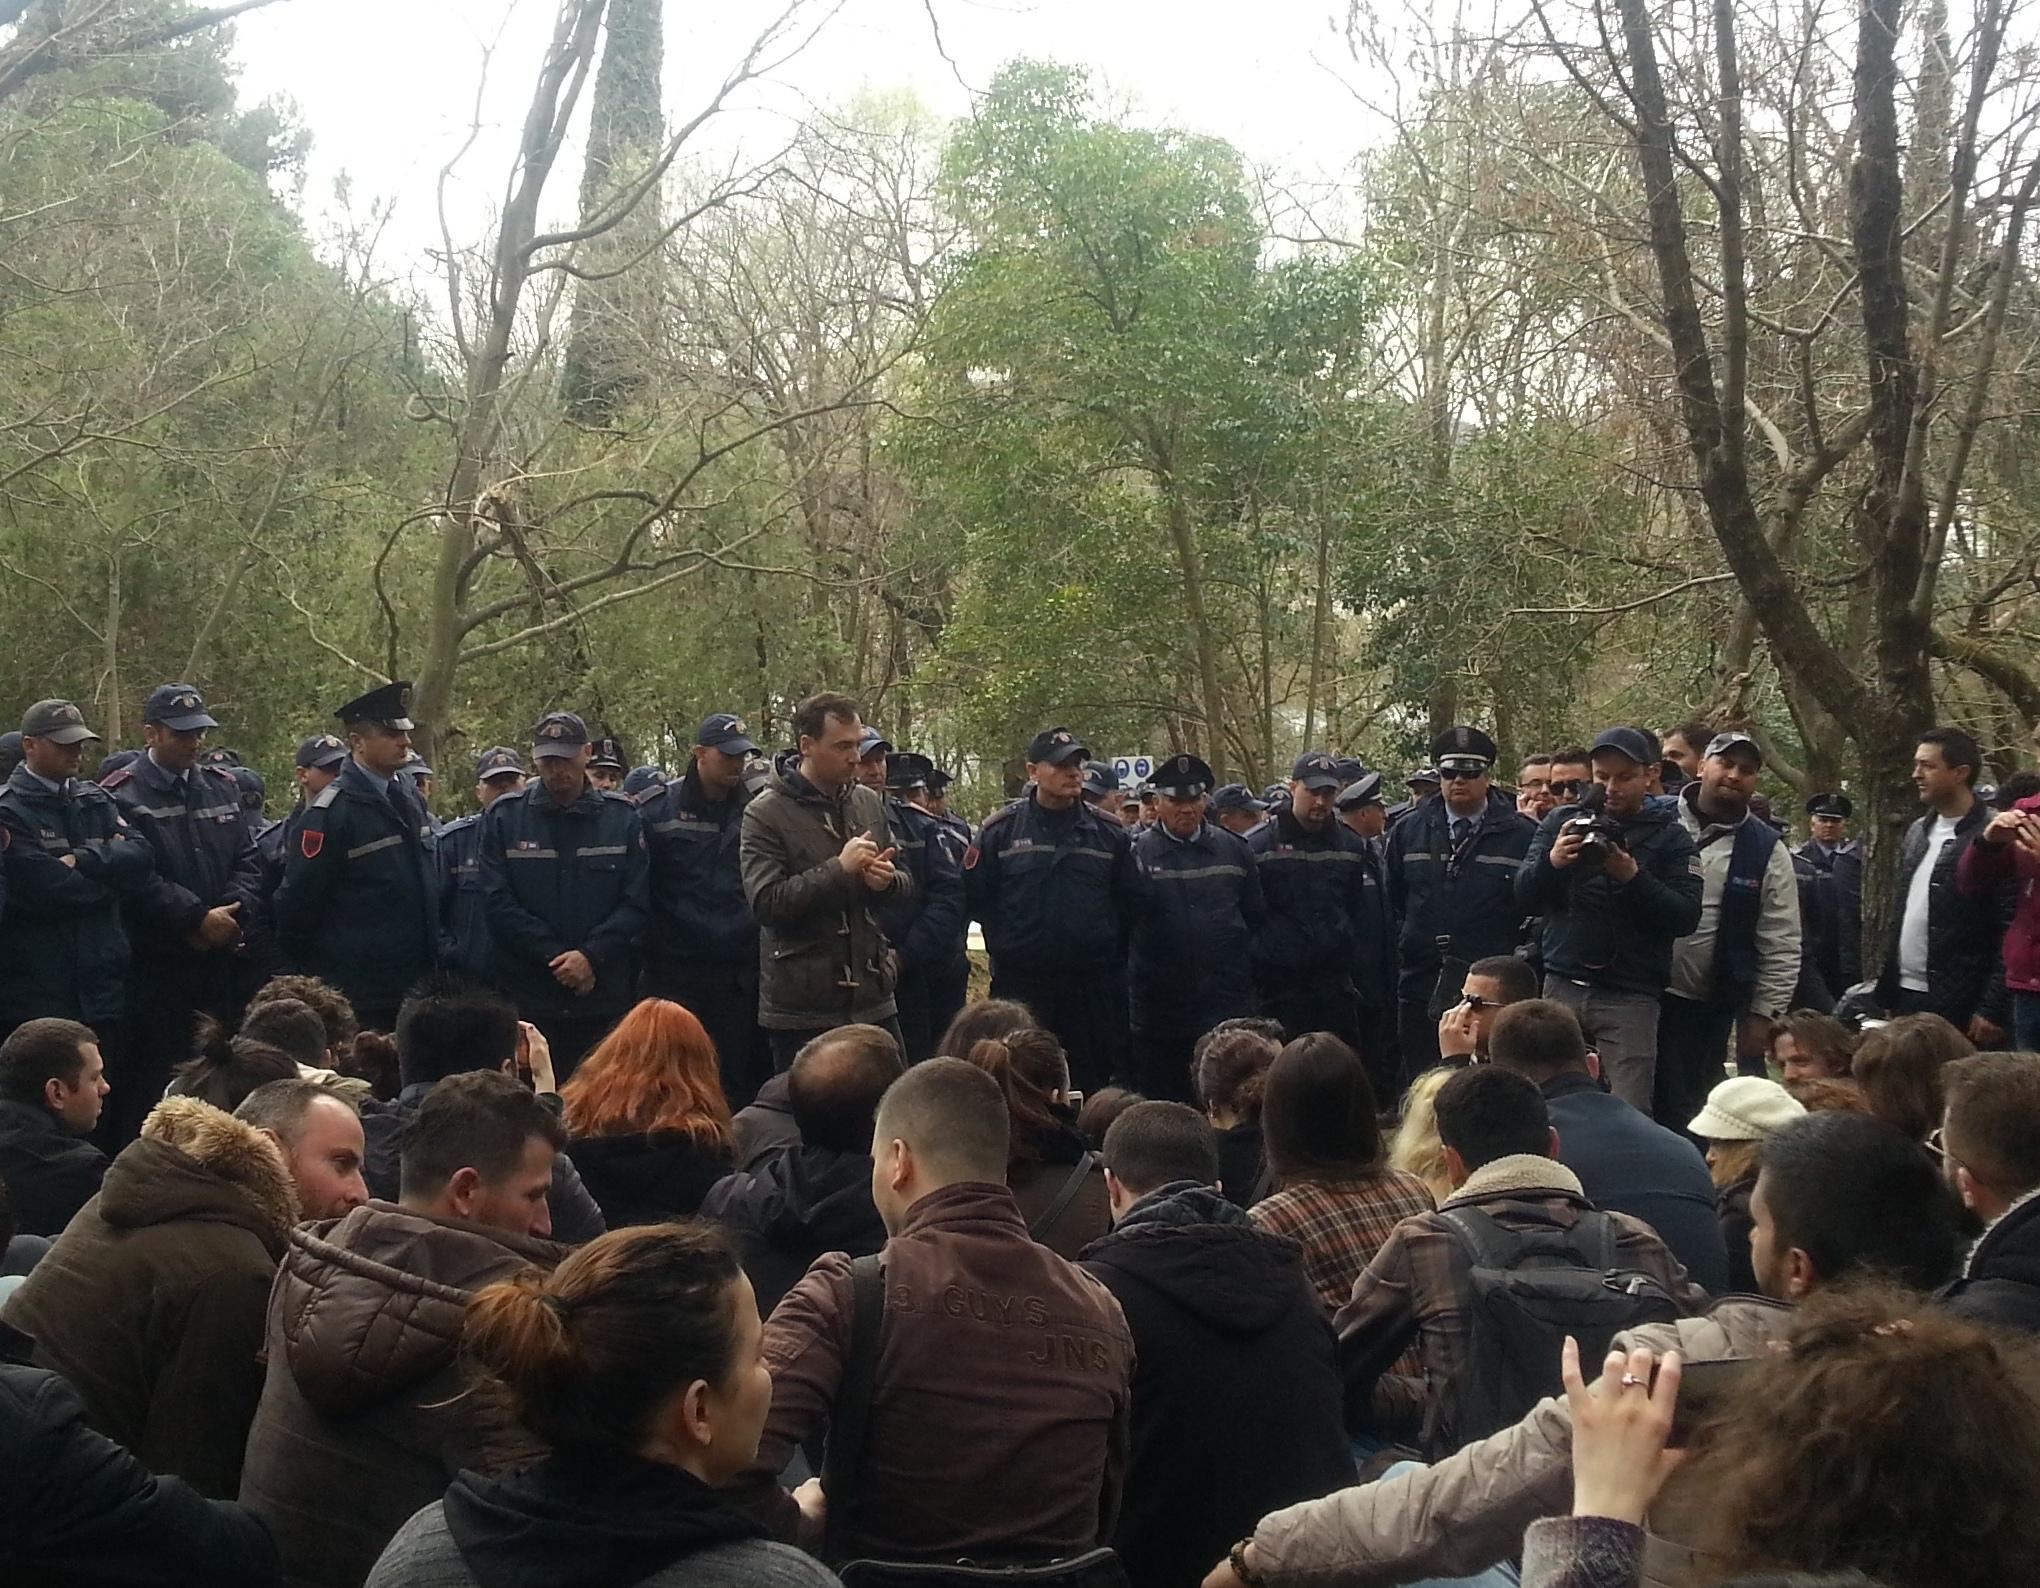 Aktivistët për Parkun e Liqenit: Policia ushtroi dhunë, protestat do të vazhdojnë